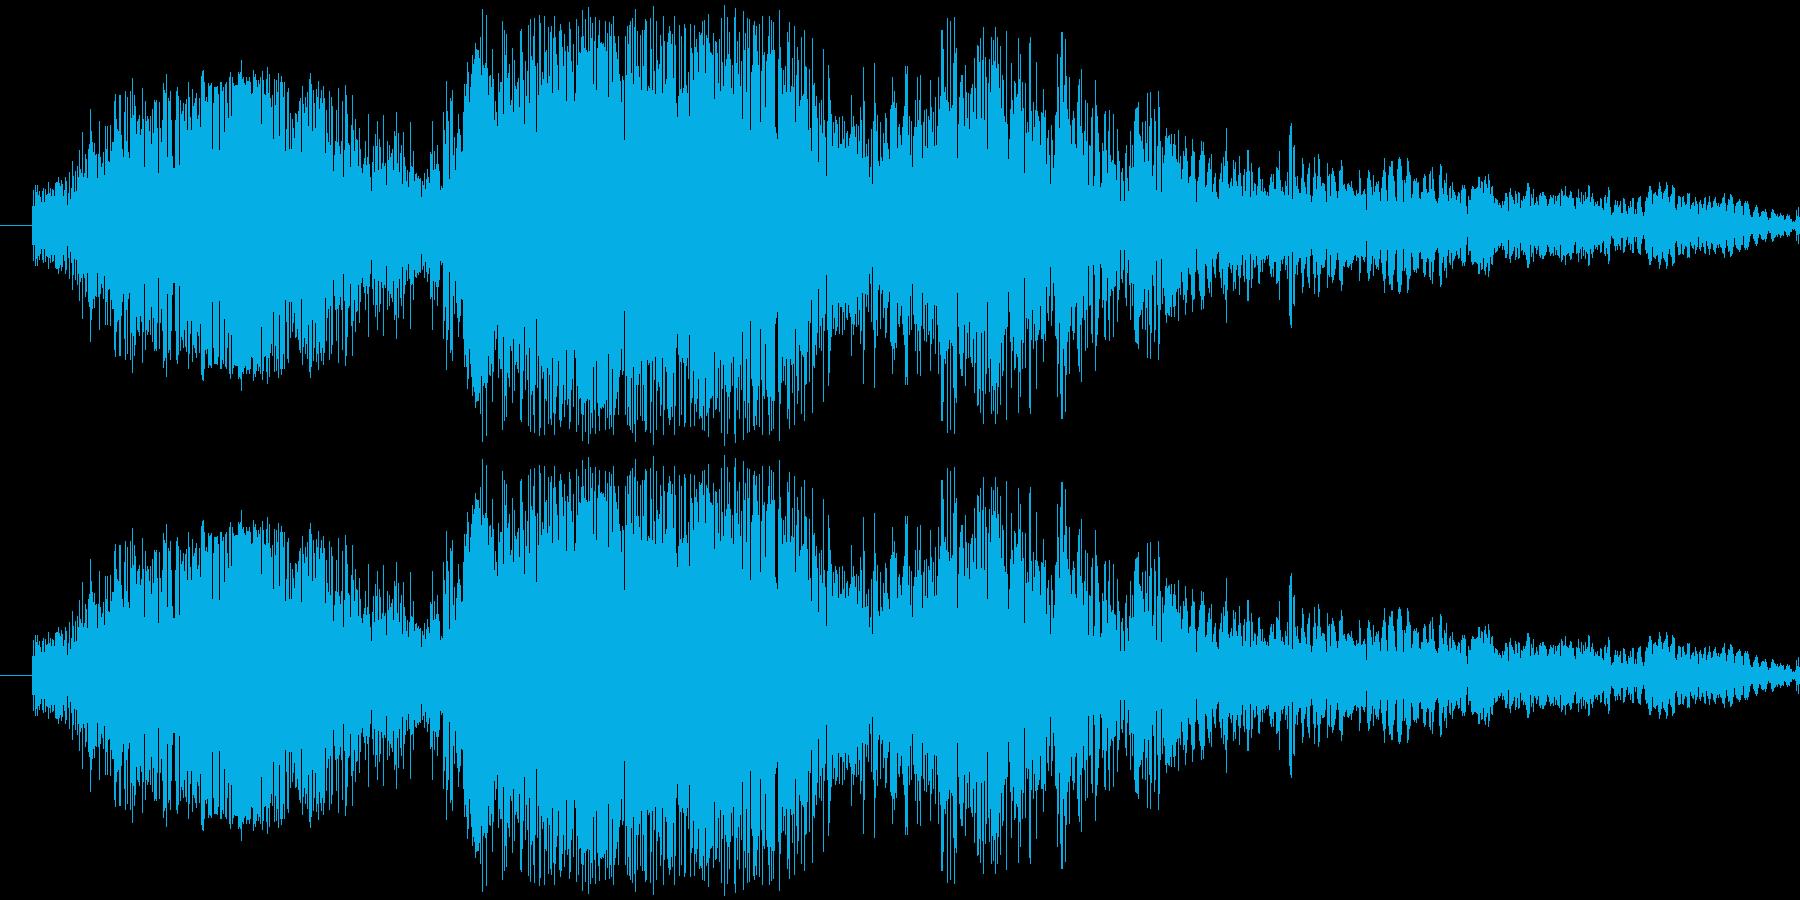 斬撃1【振り下ろす剣の斬撃】の再生済みの波形